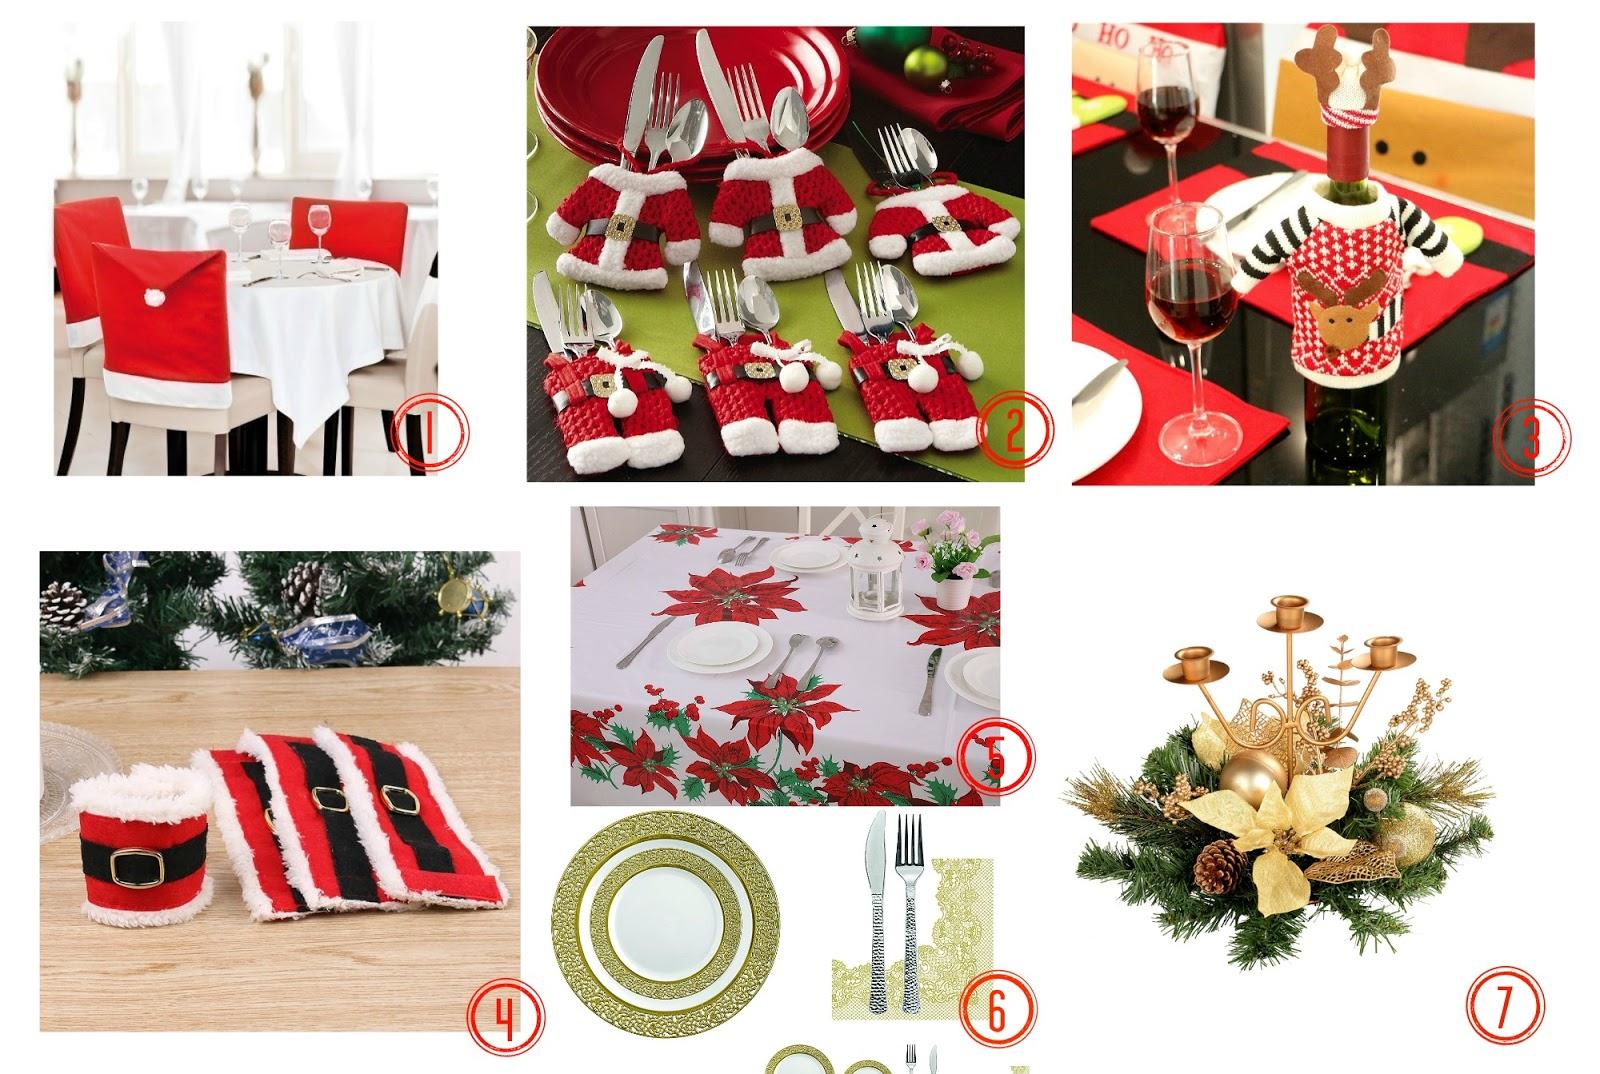 Idee per la tavola di natale coprisedie portaposate stoviglie e decorazioni low cost - Decorazioni tavola natale ...